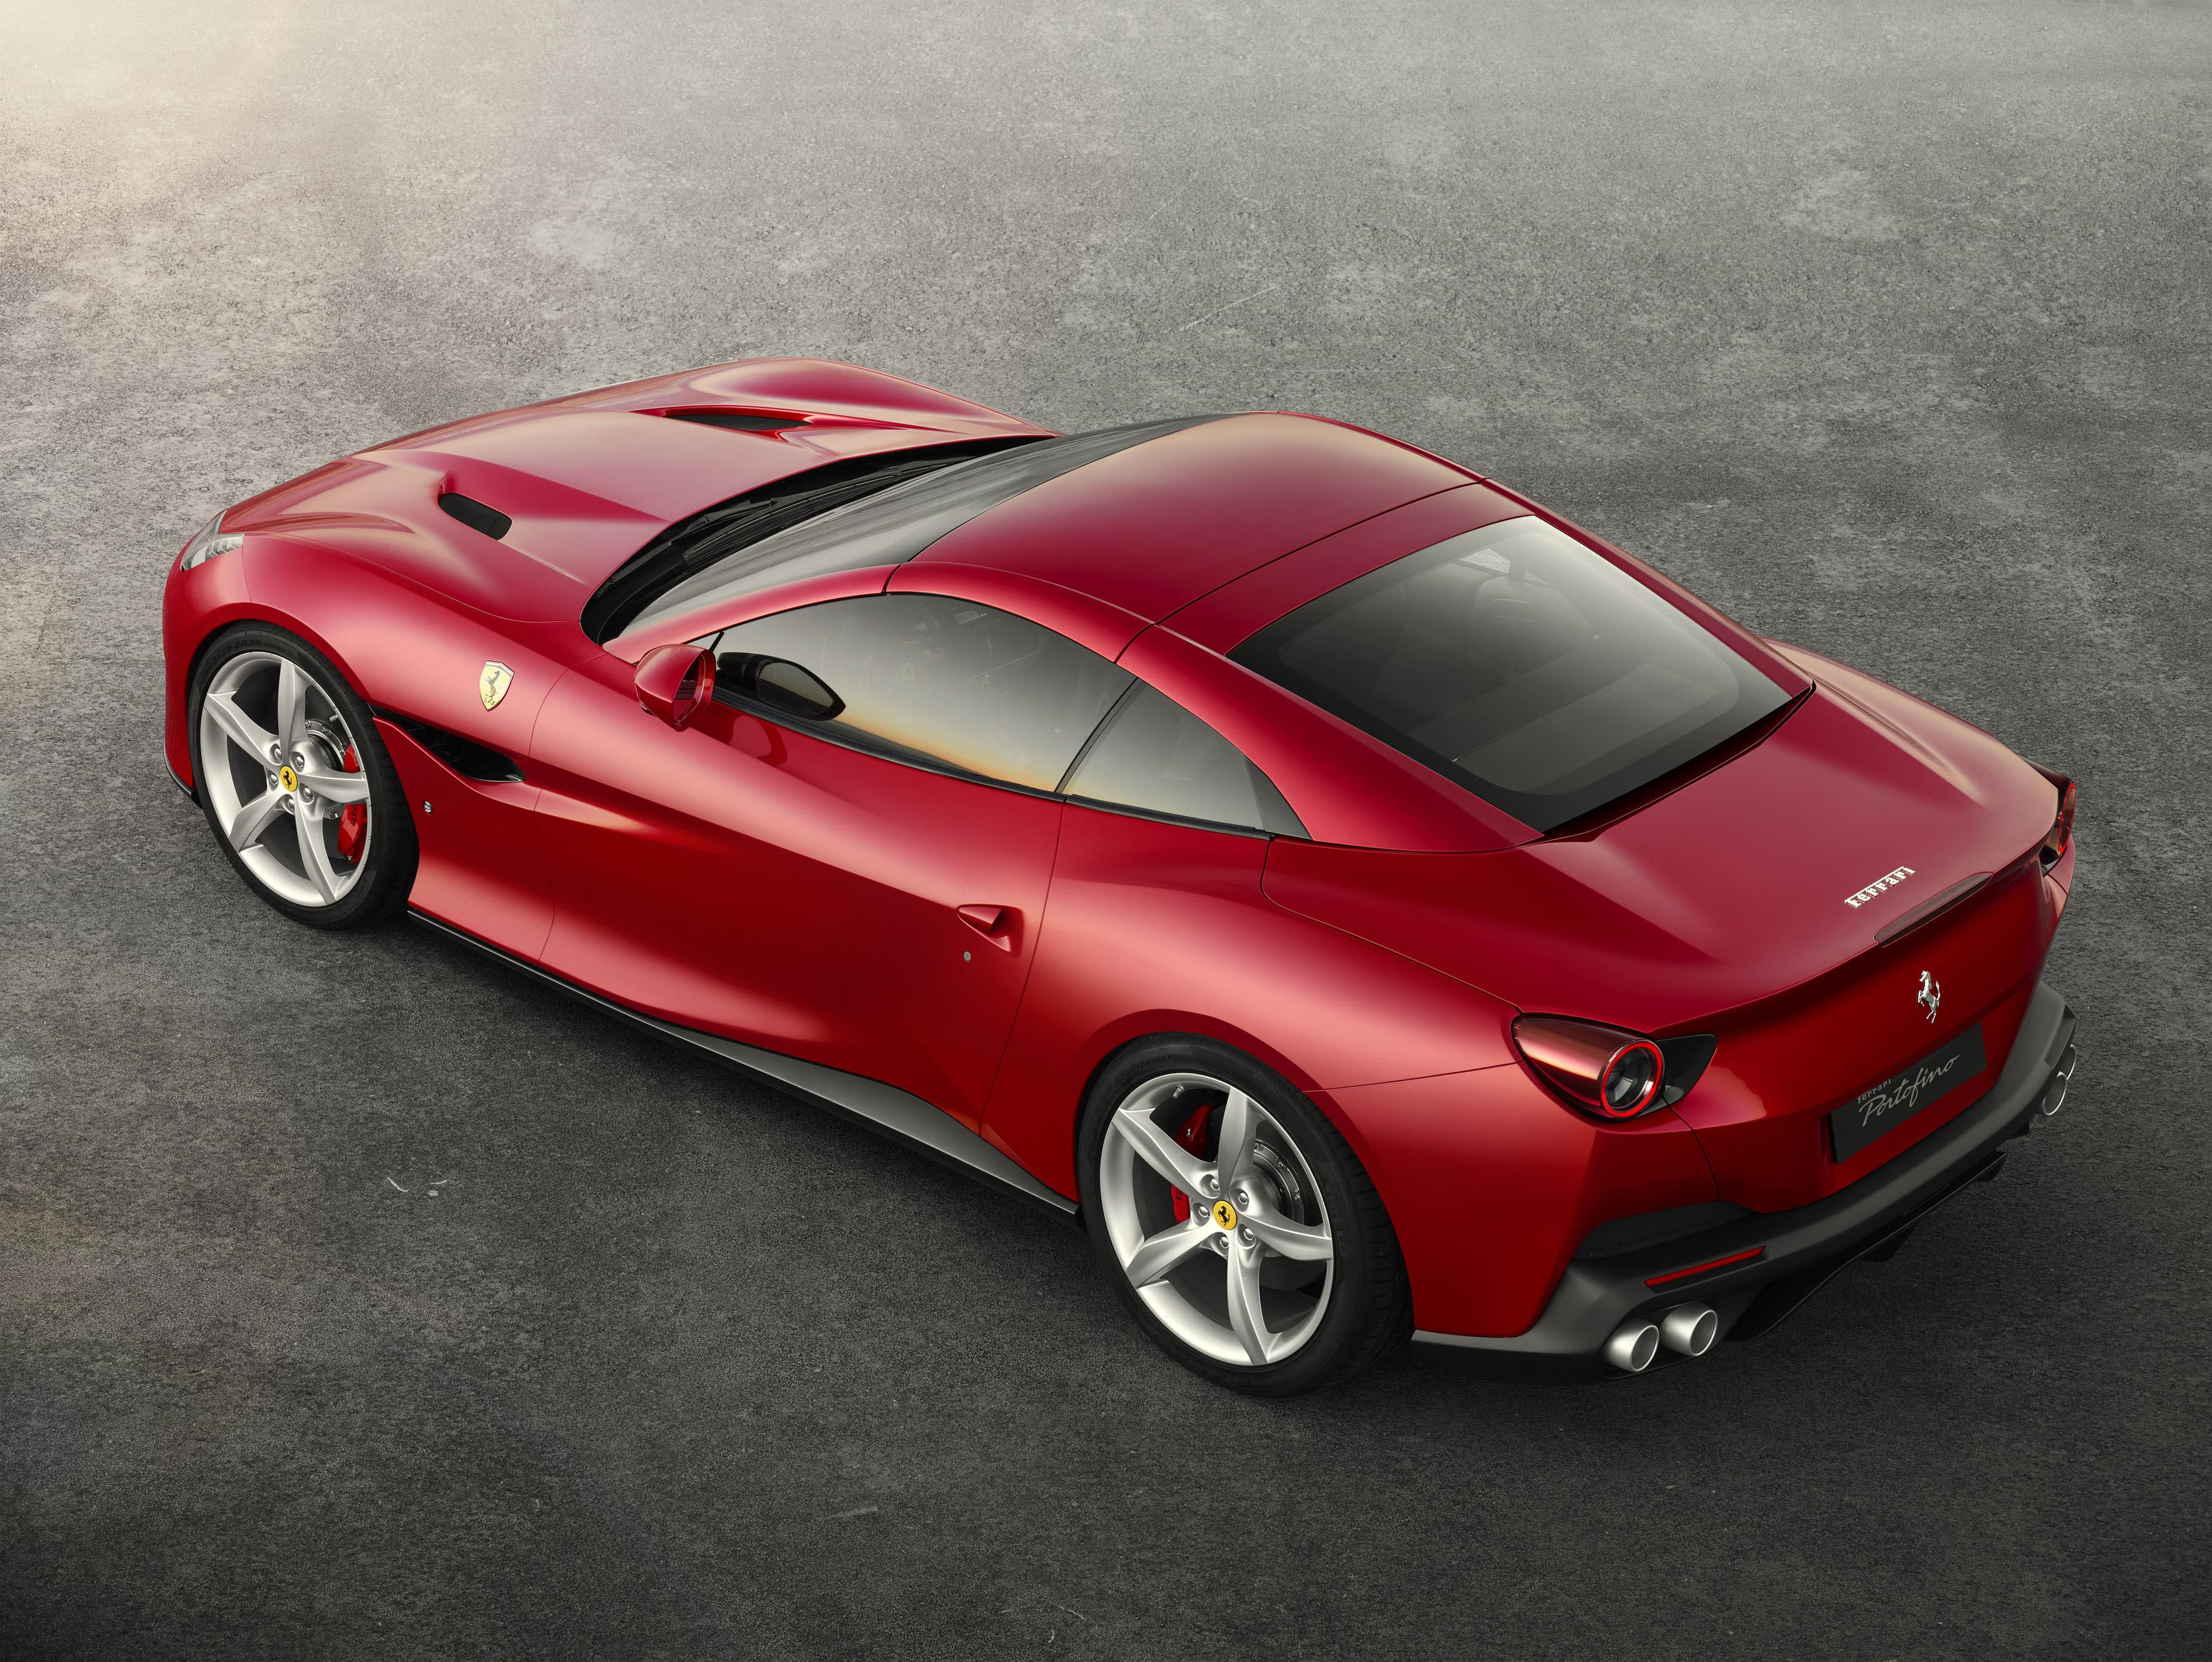 Road Test: The Ferrari Portofino